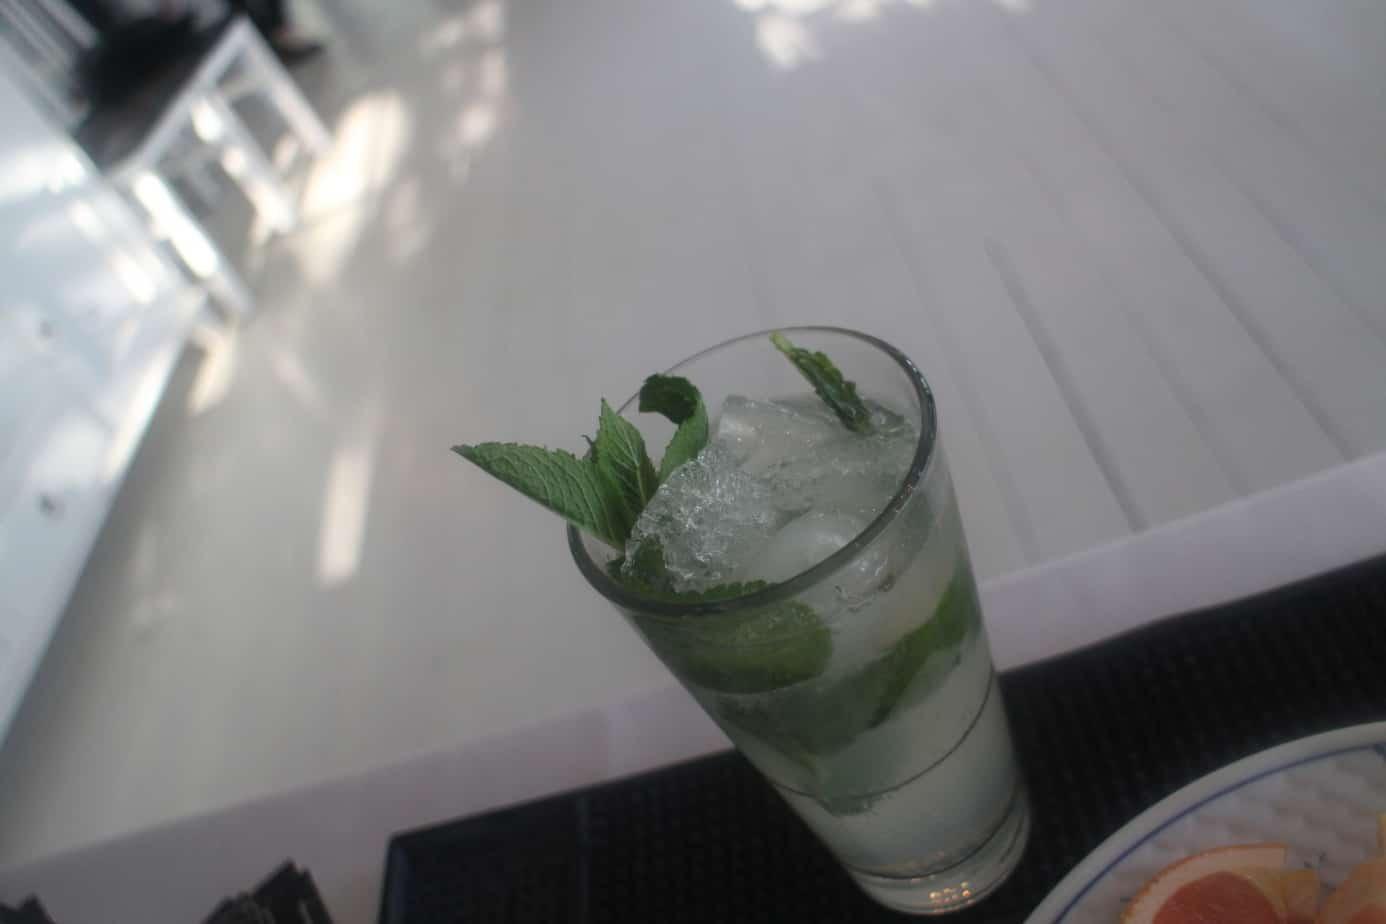 hvordan man laver mojito - mojito opskrift - cocktail opskrift - cocktail opskrifter - mojito drink opskrift - den beste mojito